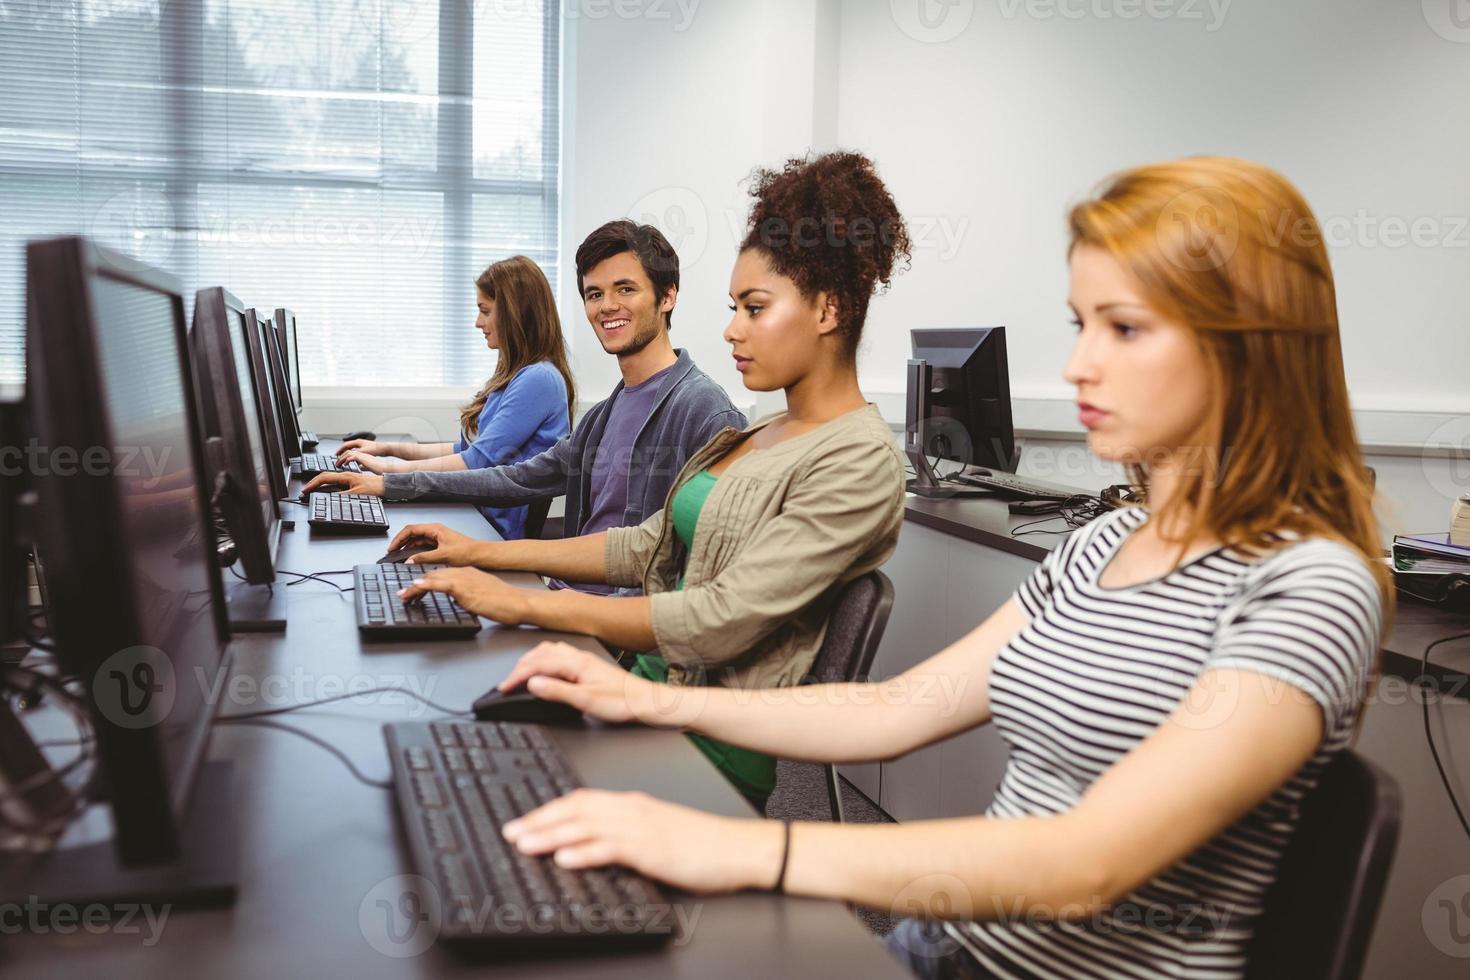 studente felice nella classe del computer che sorride alla macchina fotografica foto